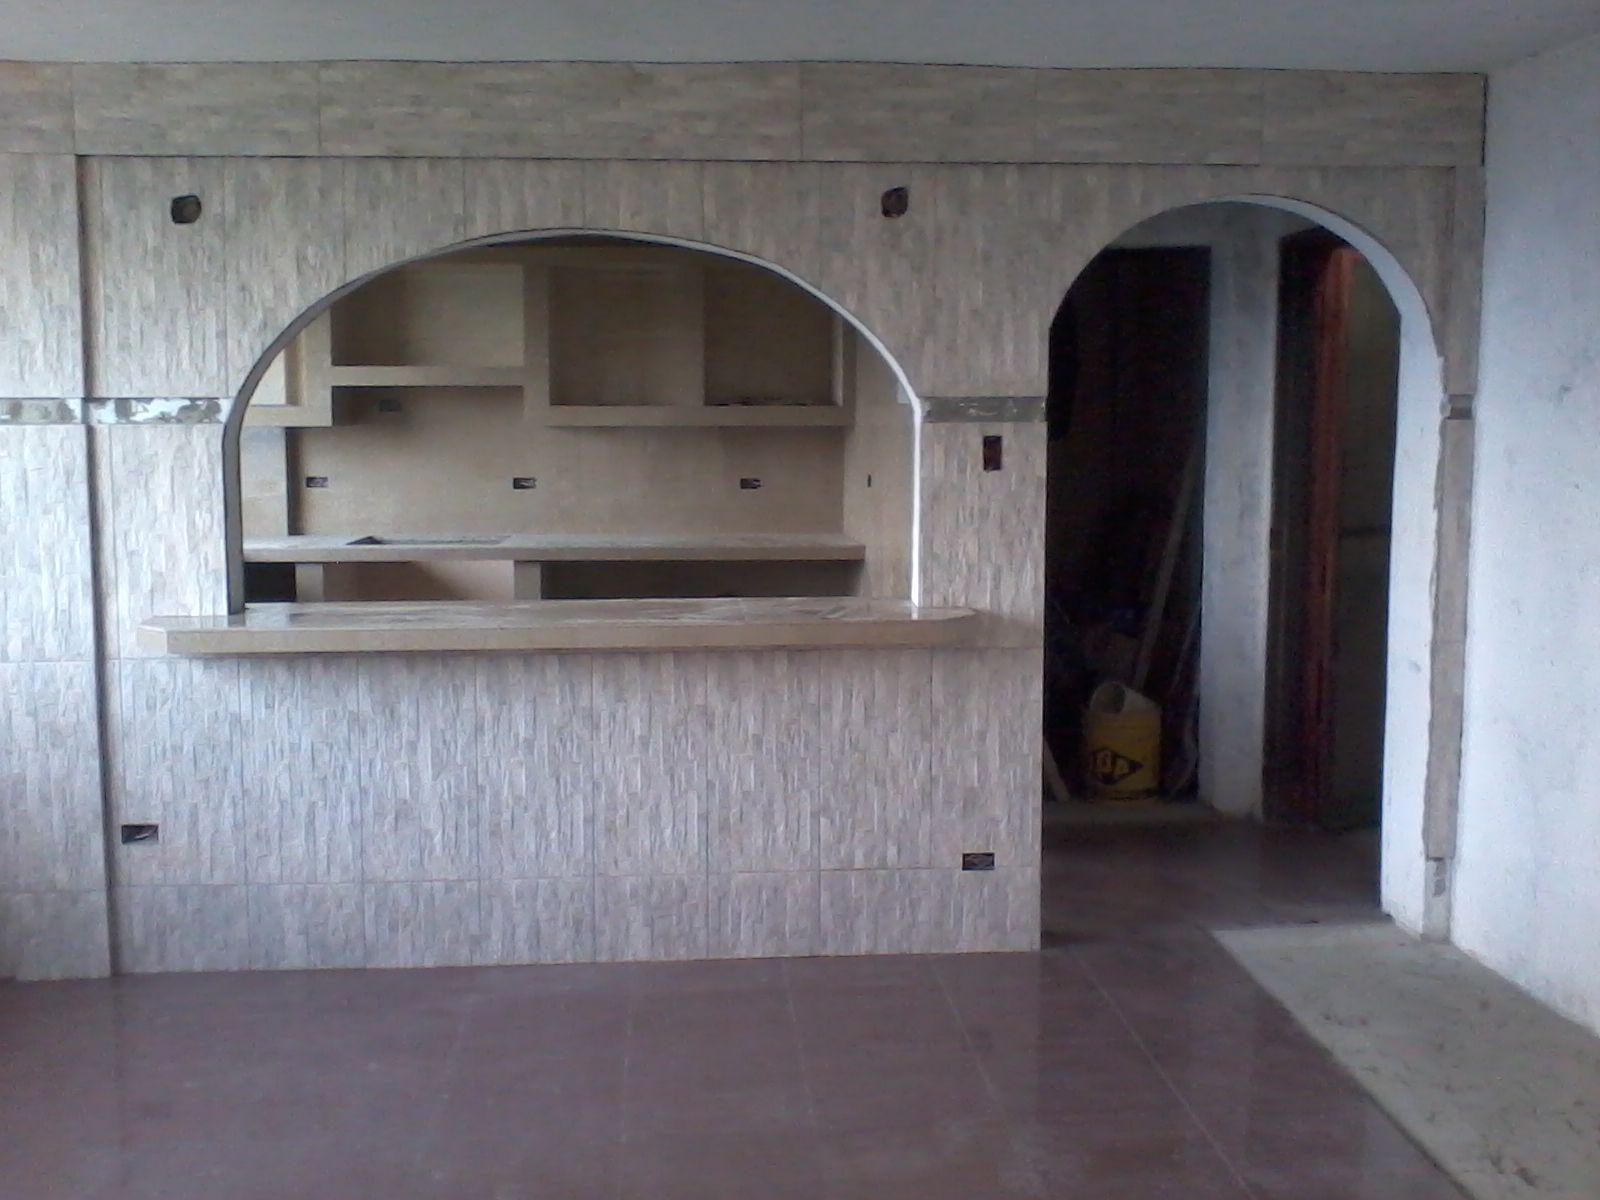 Pared divisoria forrada con cer mica rustica y piso de for Modelos de cocinas empotradas en cemento y porcelanato